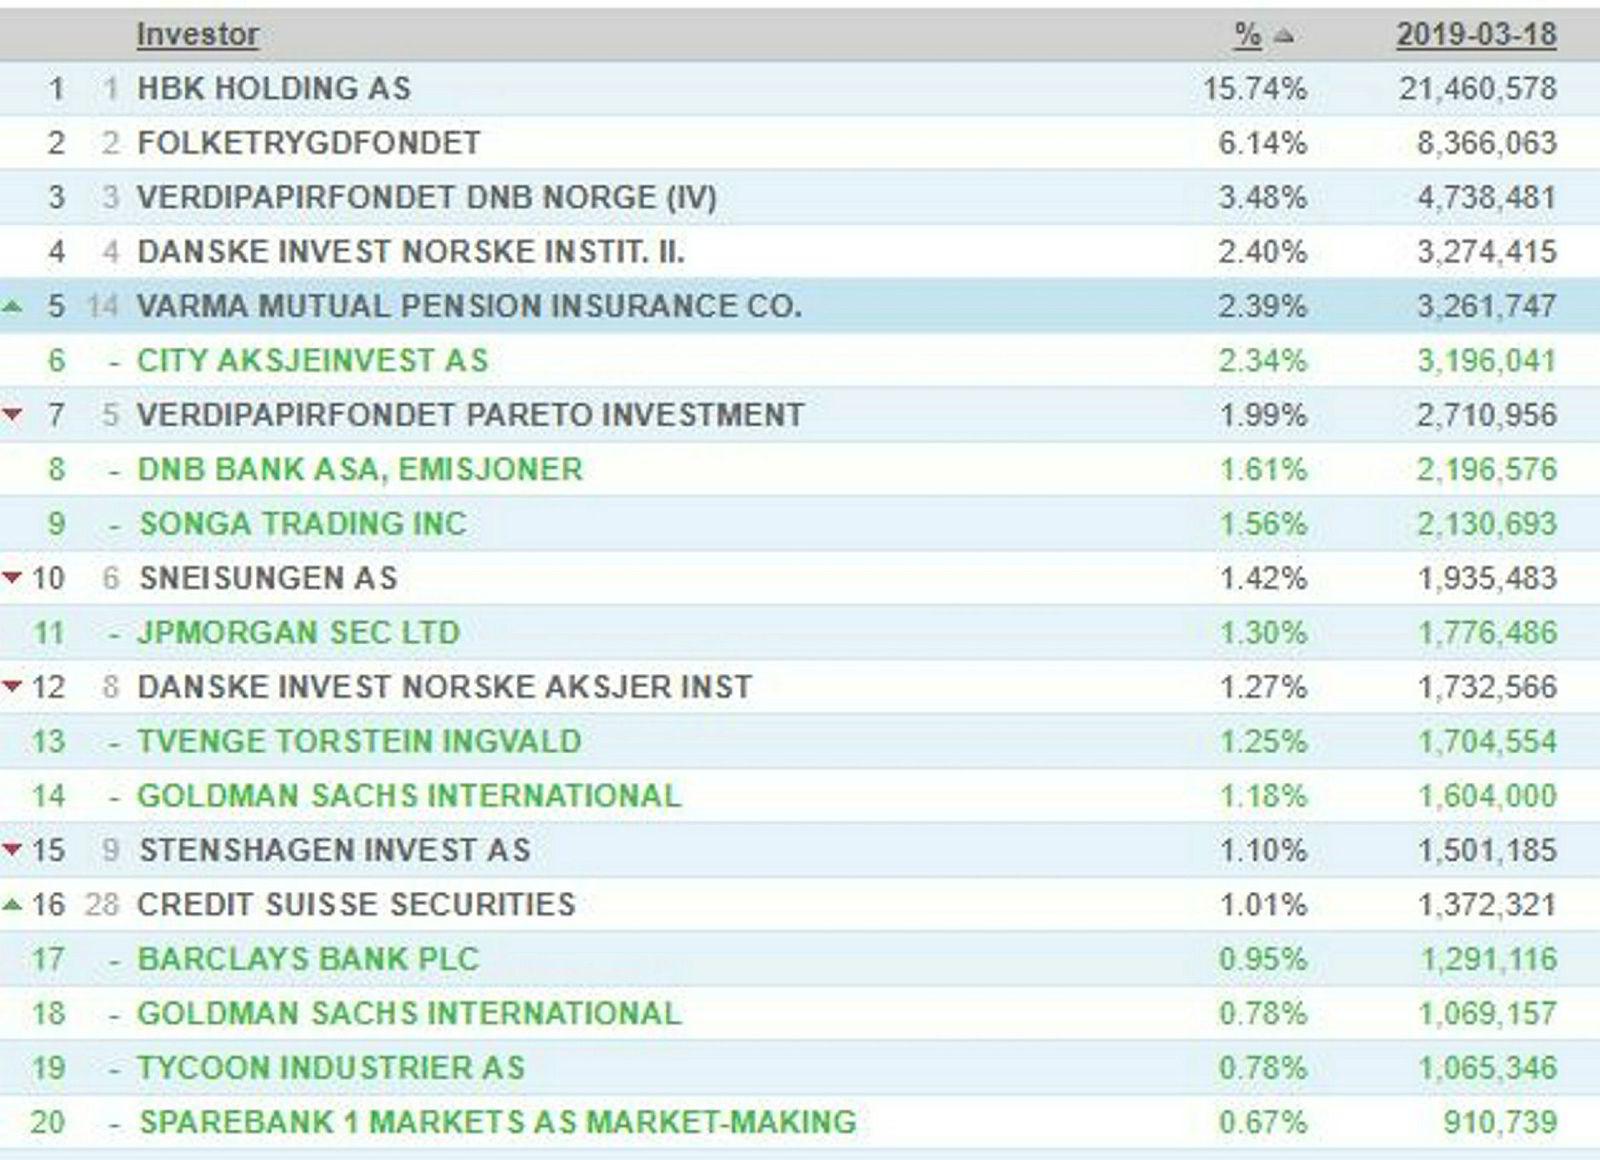 Dette er den nye listen over Norwegians 20 største aksjonærer.